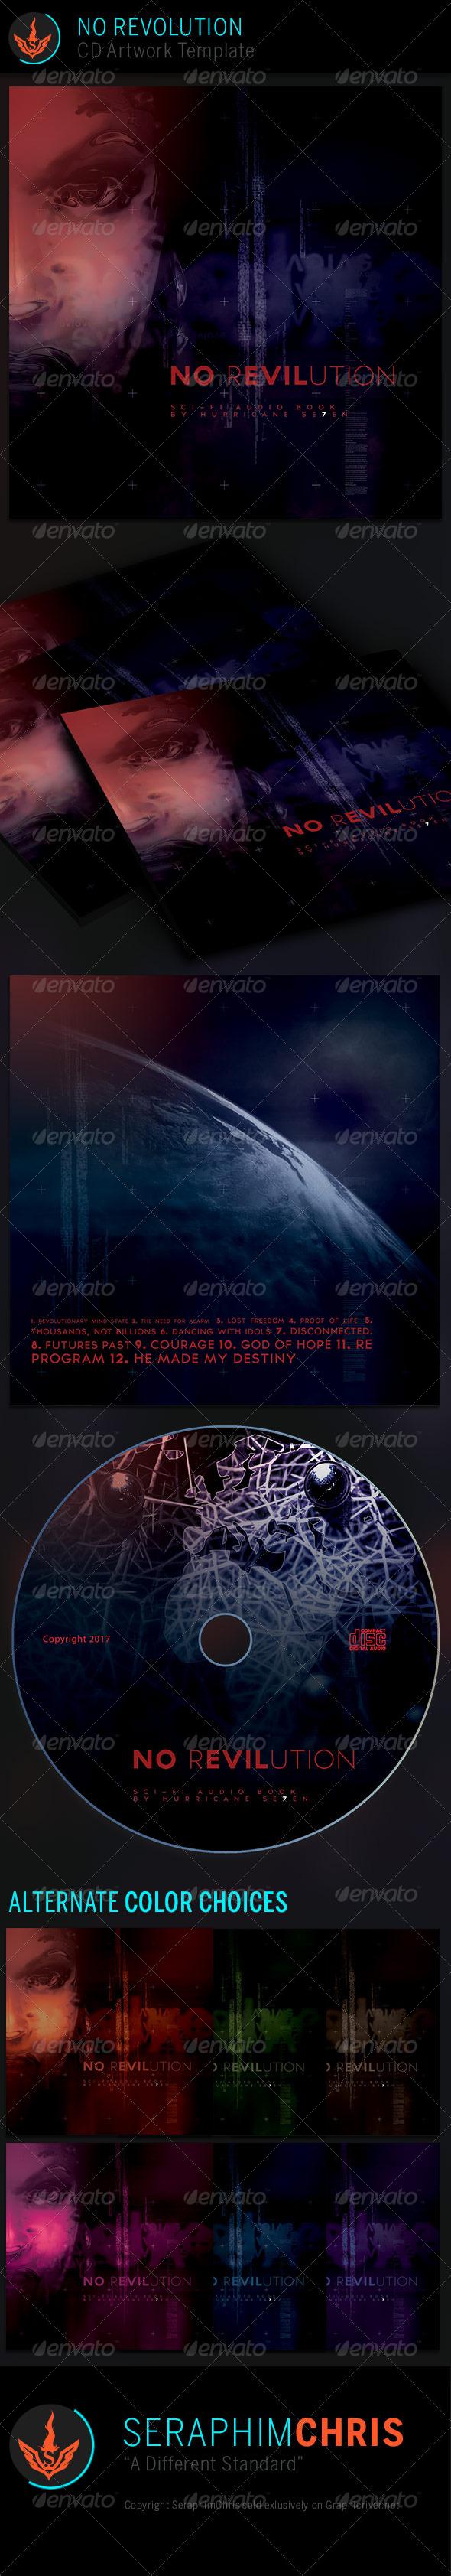 GraphicRiver No Revolution CD Artwork Template 7070248